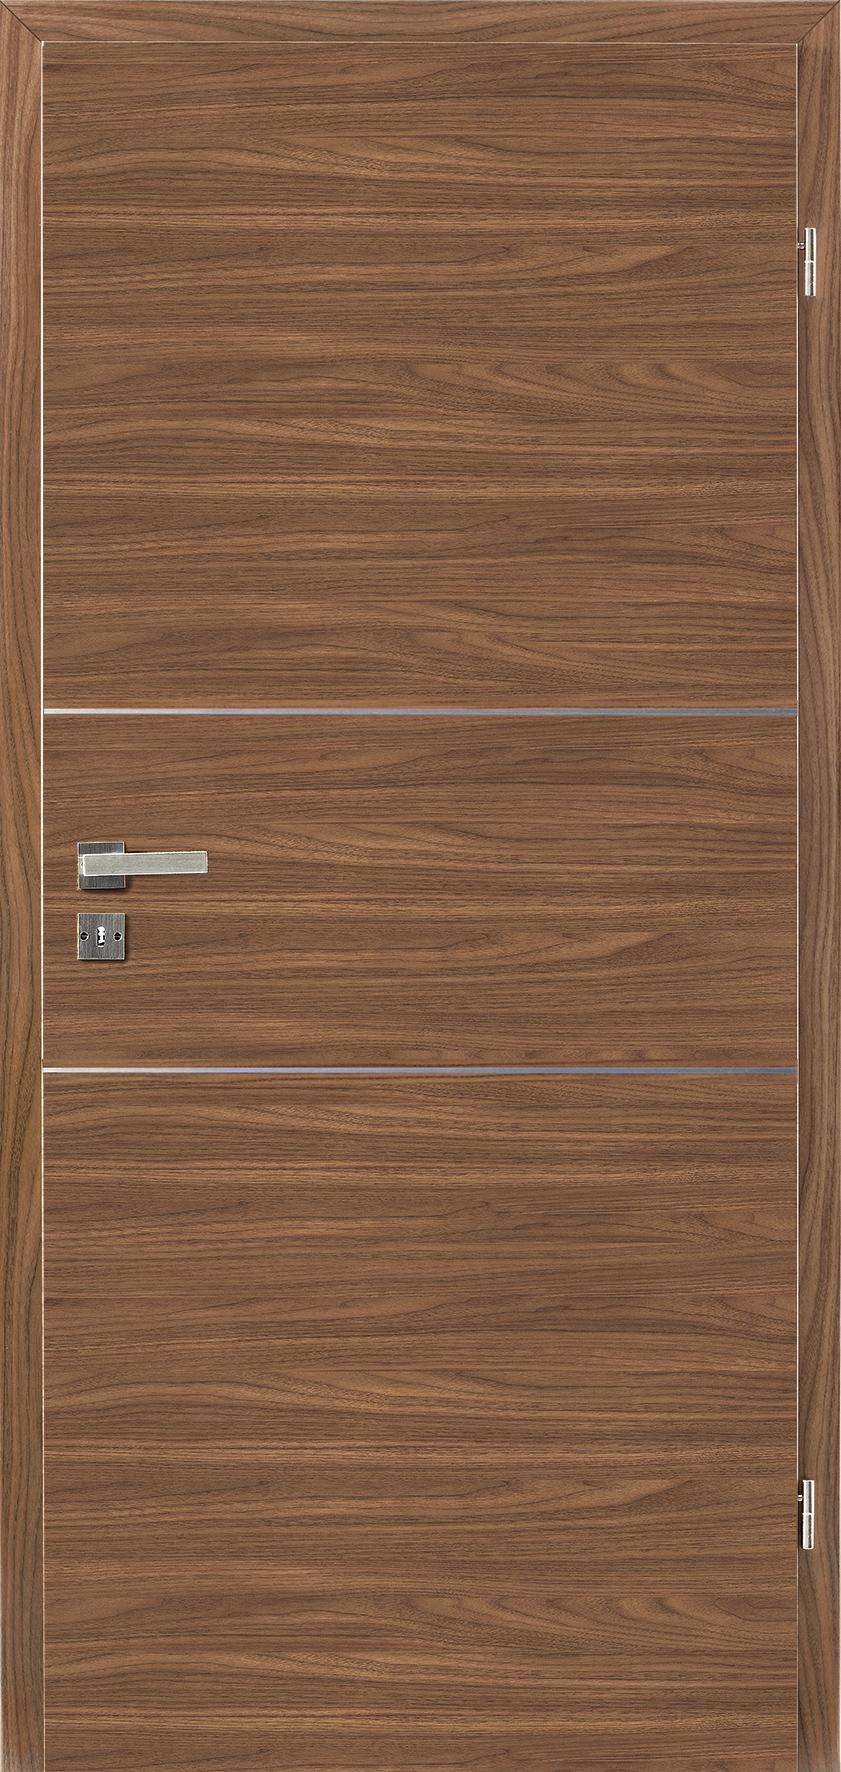 modernes echtholzt relement exklusiv fusion 2. Black Bedroom Furniture Sets. Home Design Ideas